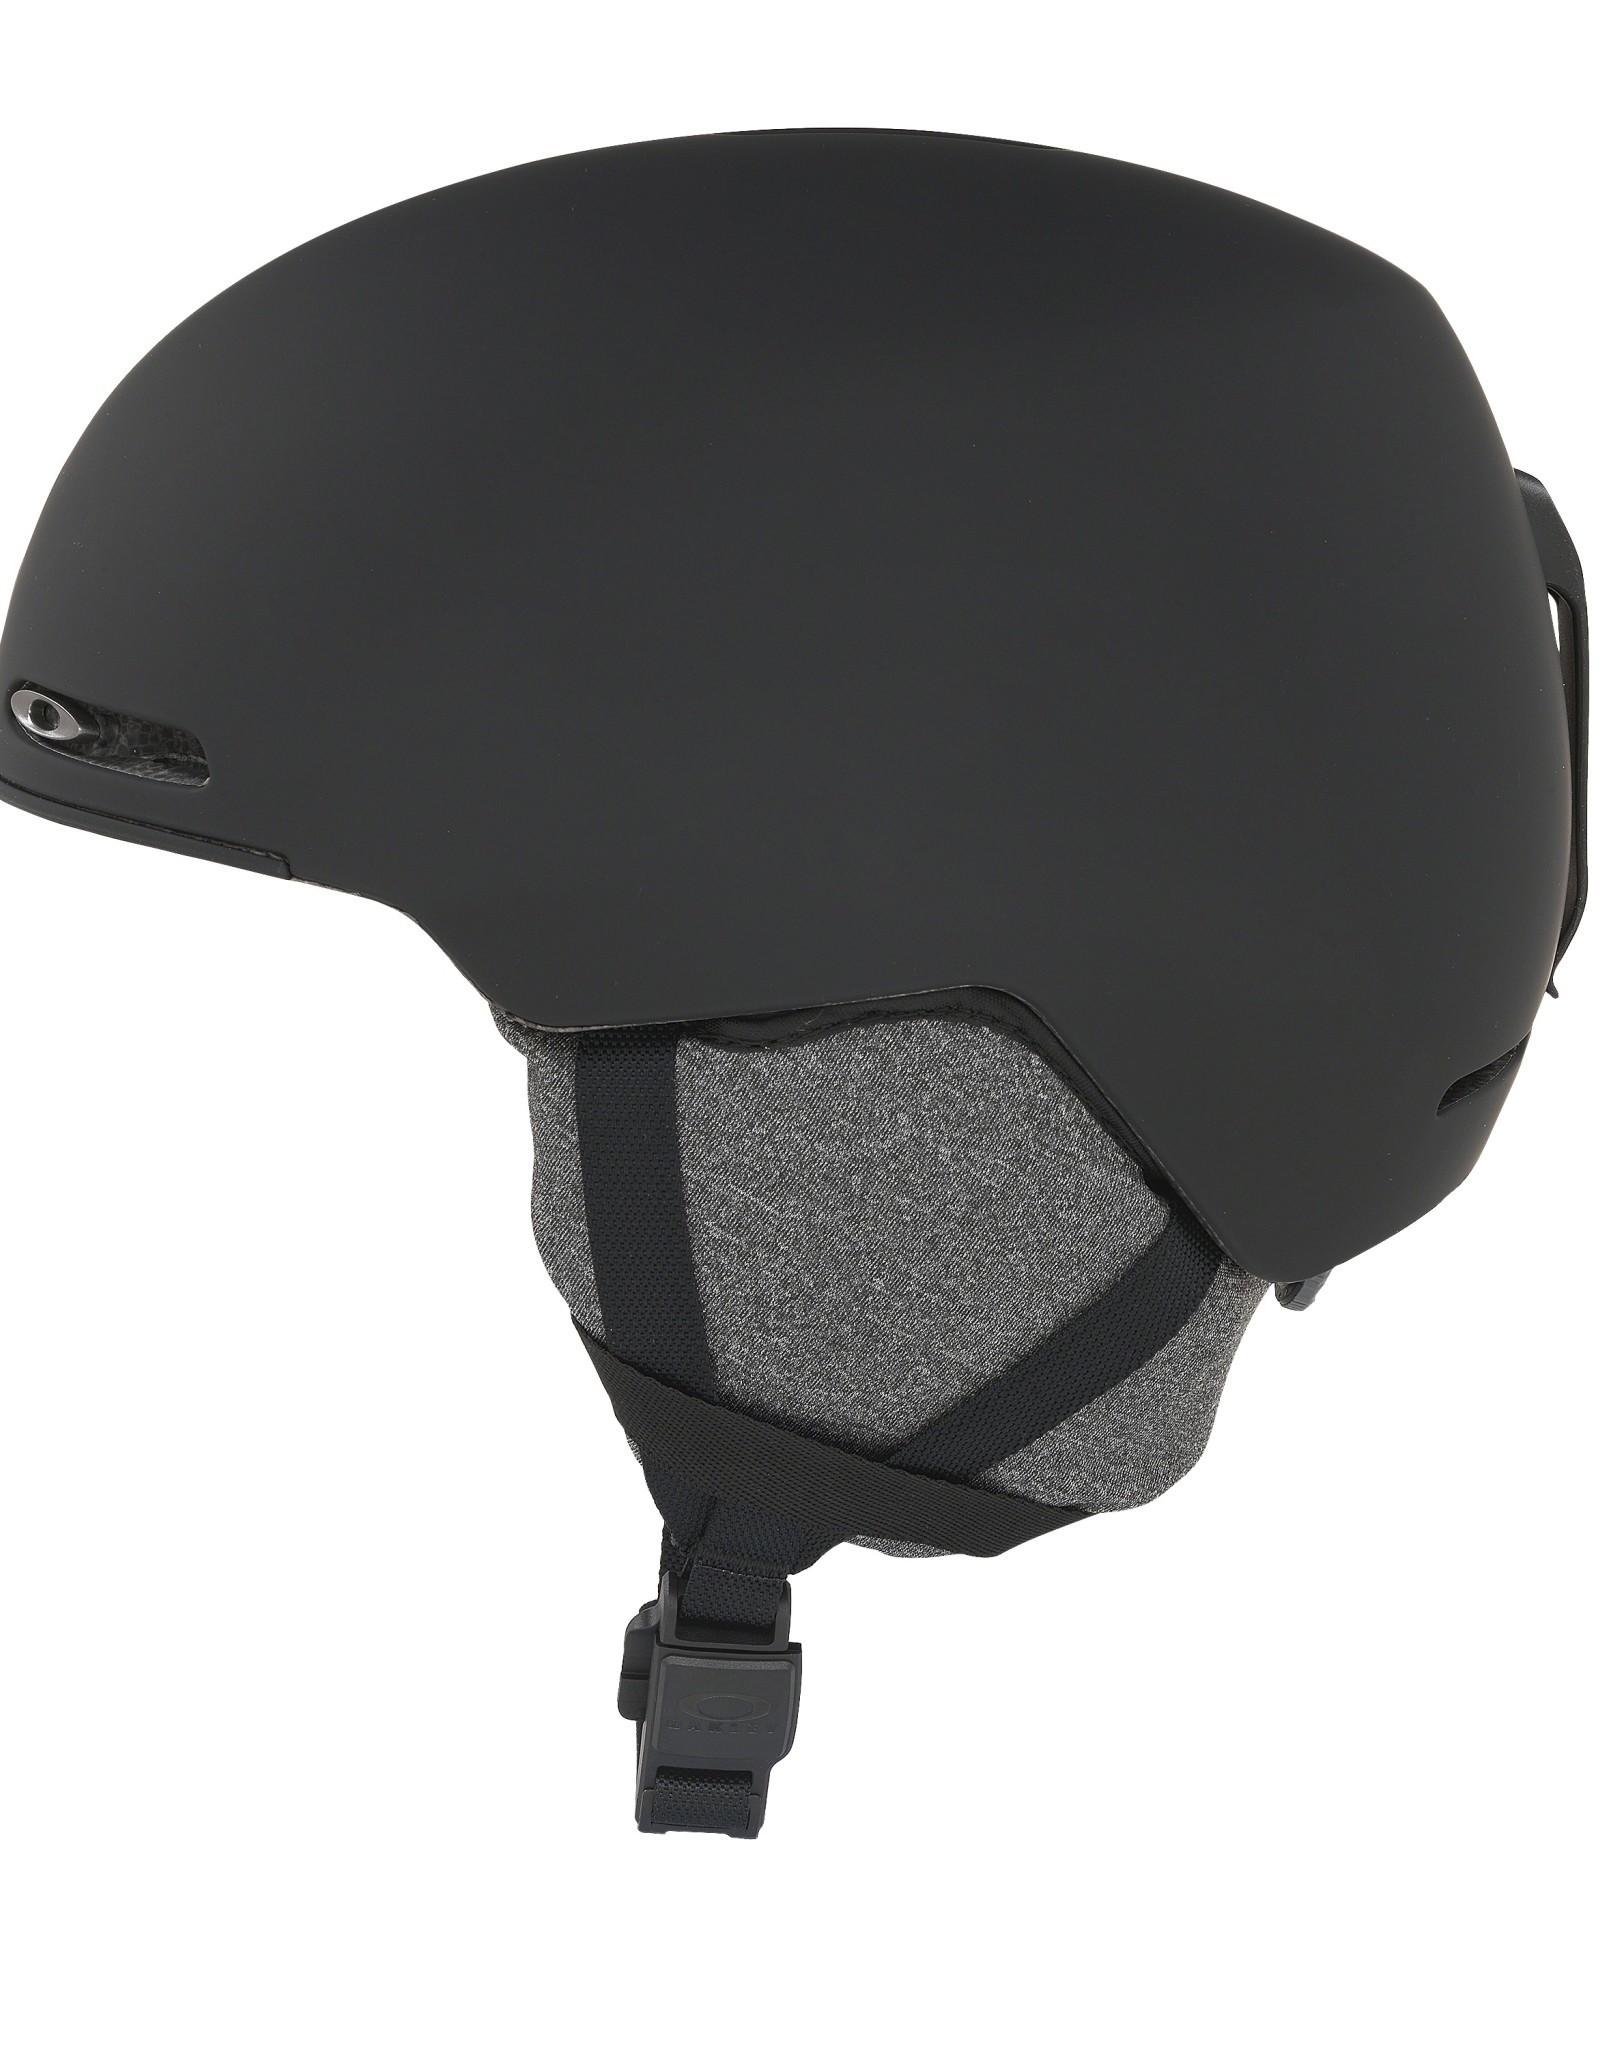 Oakley Oakley - MOD1 Helmet - Blackout -